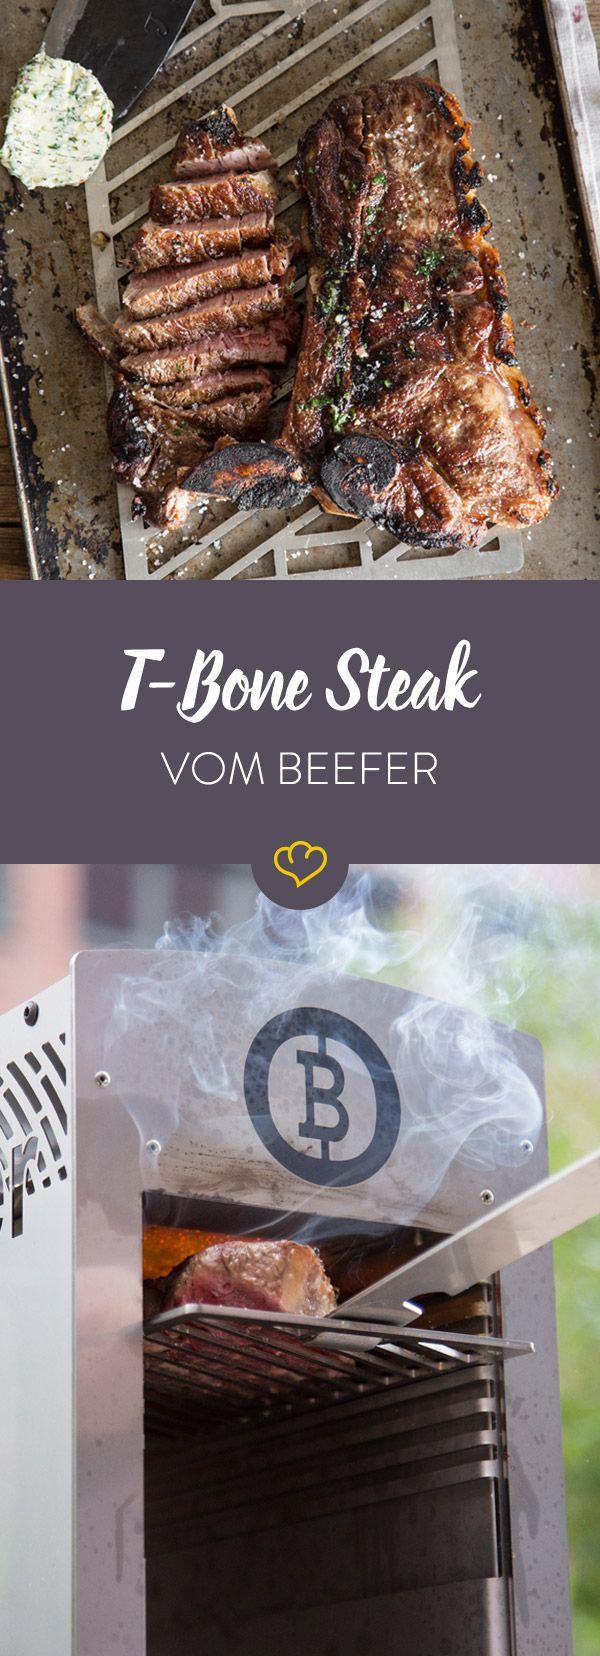 Für perfekten Fleischgeschmack braucht es nicht viel. Ein dickes T-Bone Steak, selbstgemachte Kräuterbutter und 800 °C aus dem Beefer Pro!